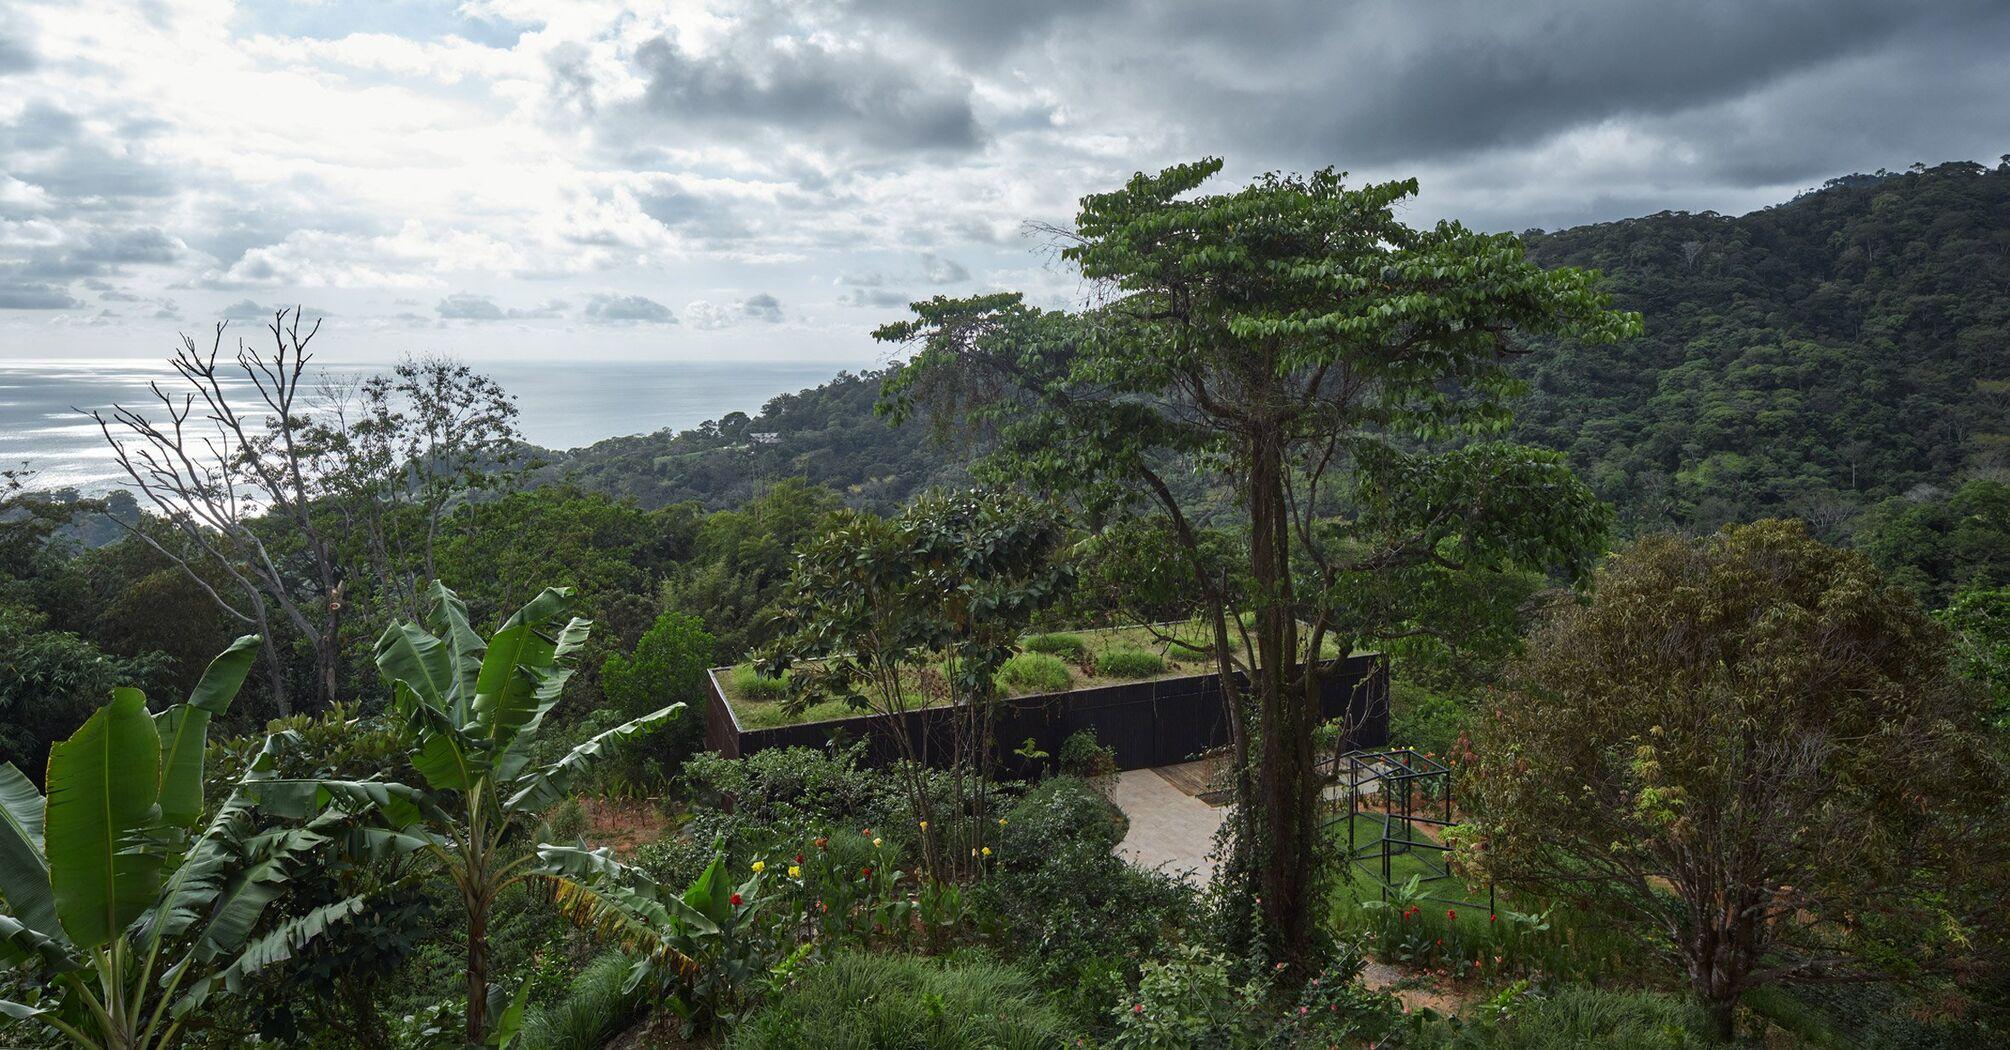 Ескапізм дня: дім у джунглях іще й вкрили зверху рослинністю